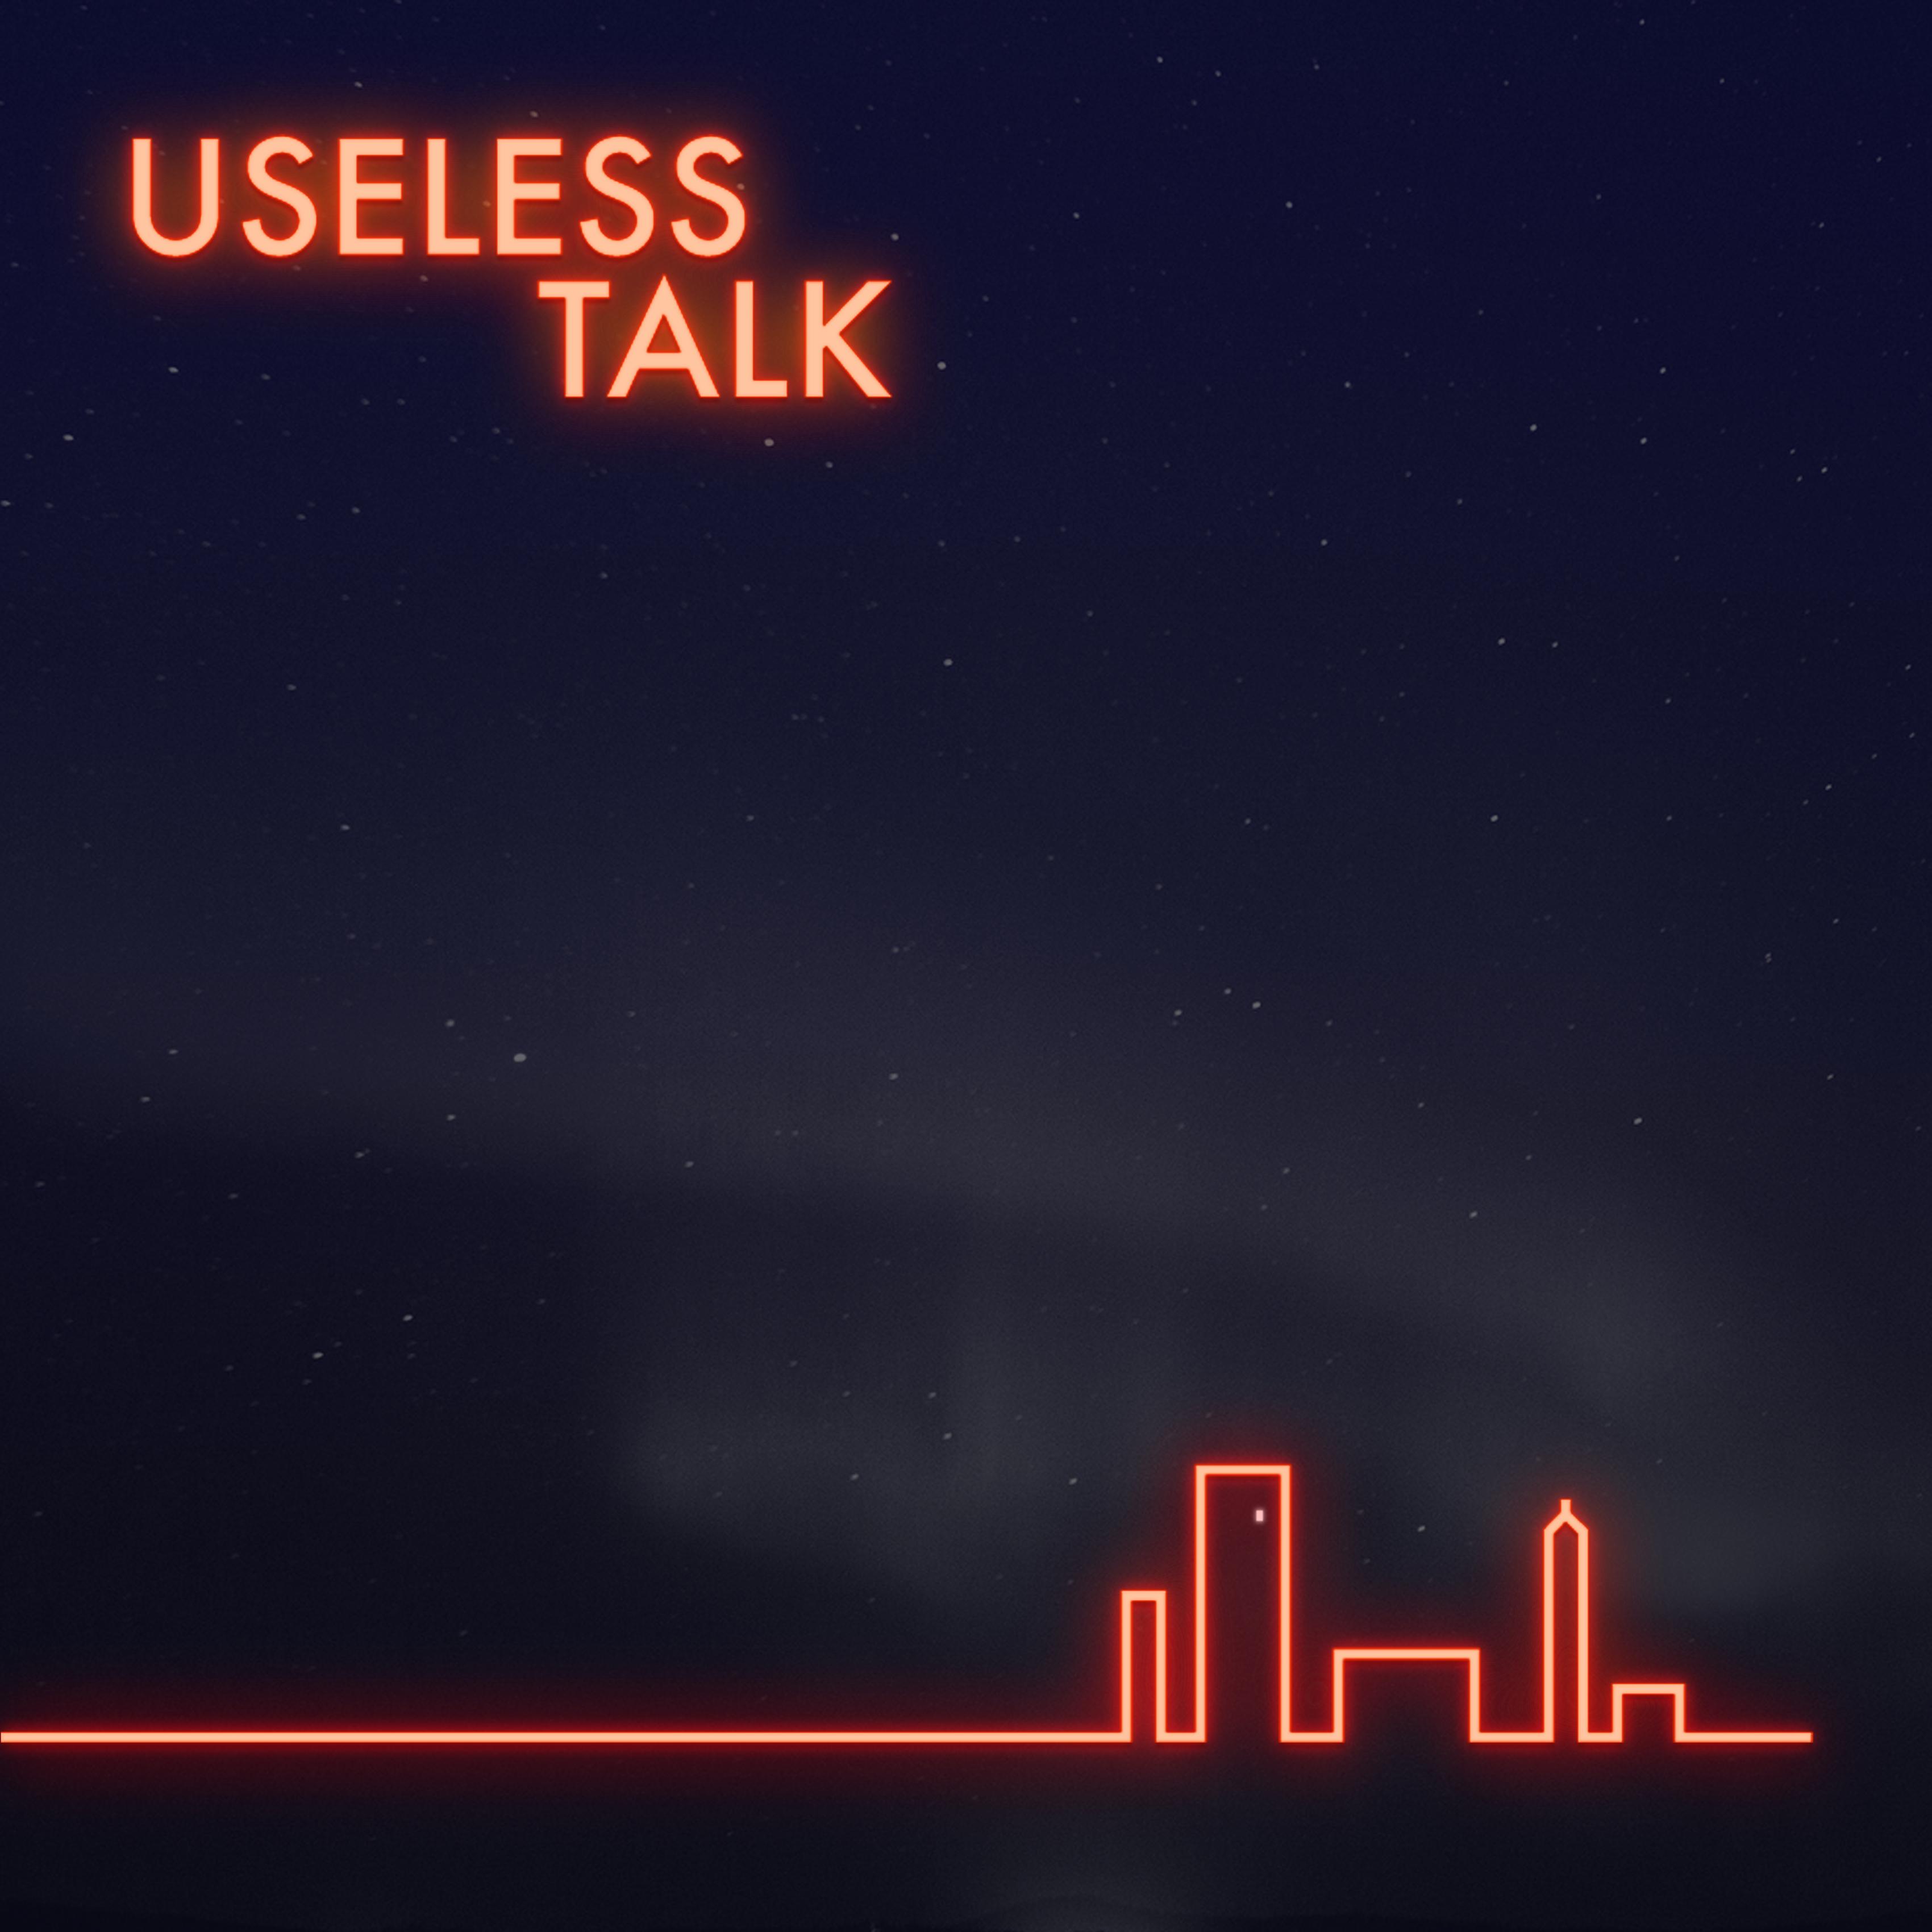 Useless talk